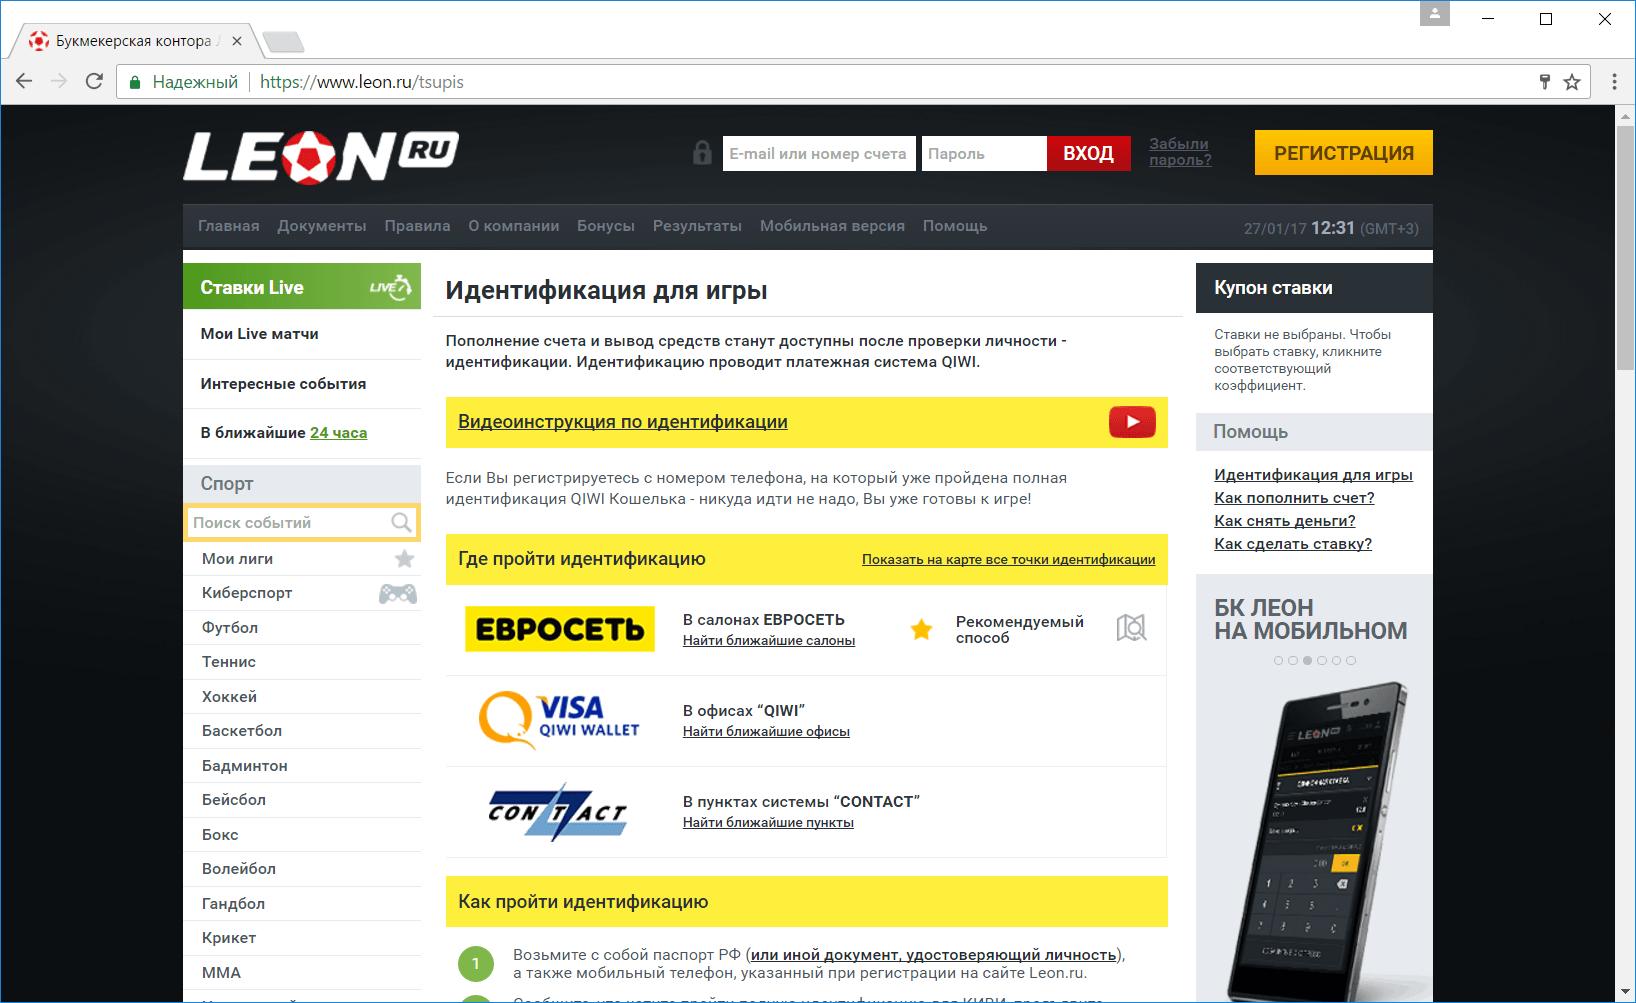 Как найти официальную группу БК Леон ВКонтакте